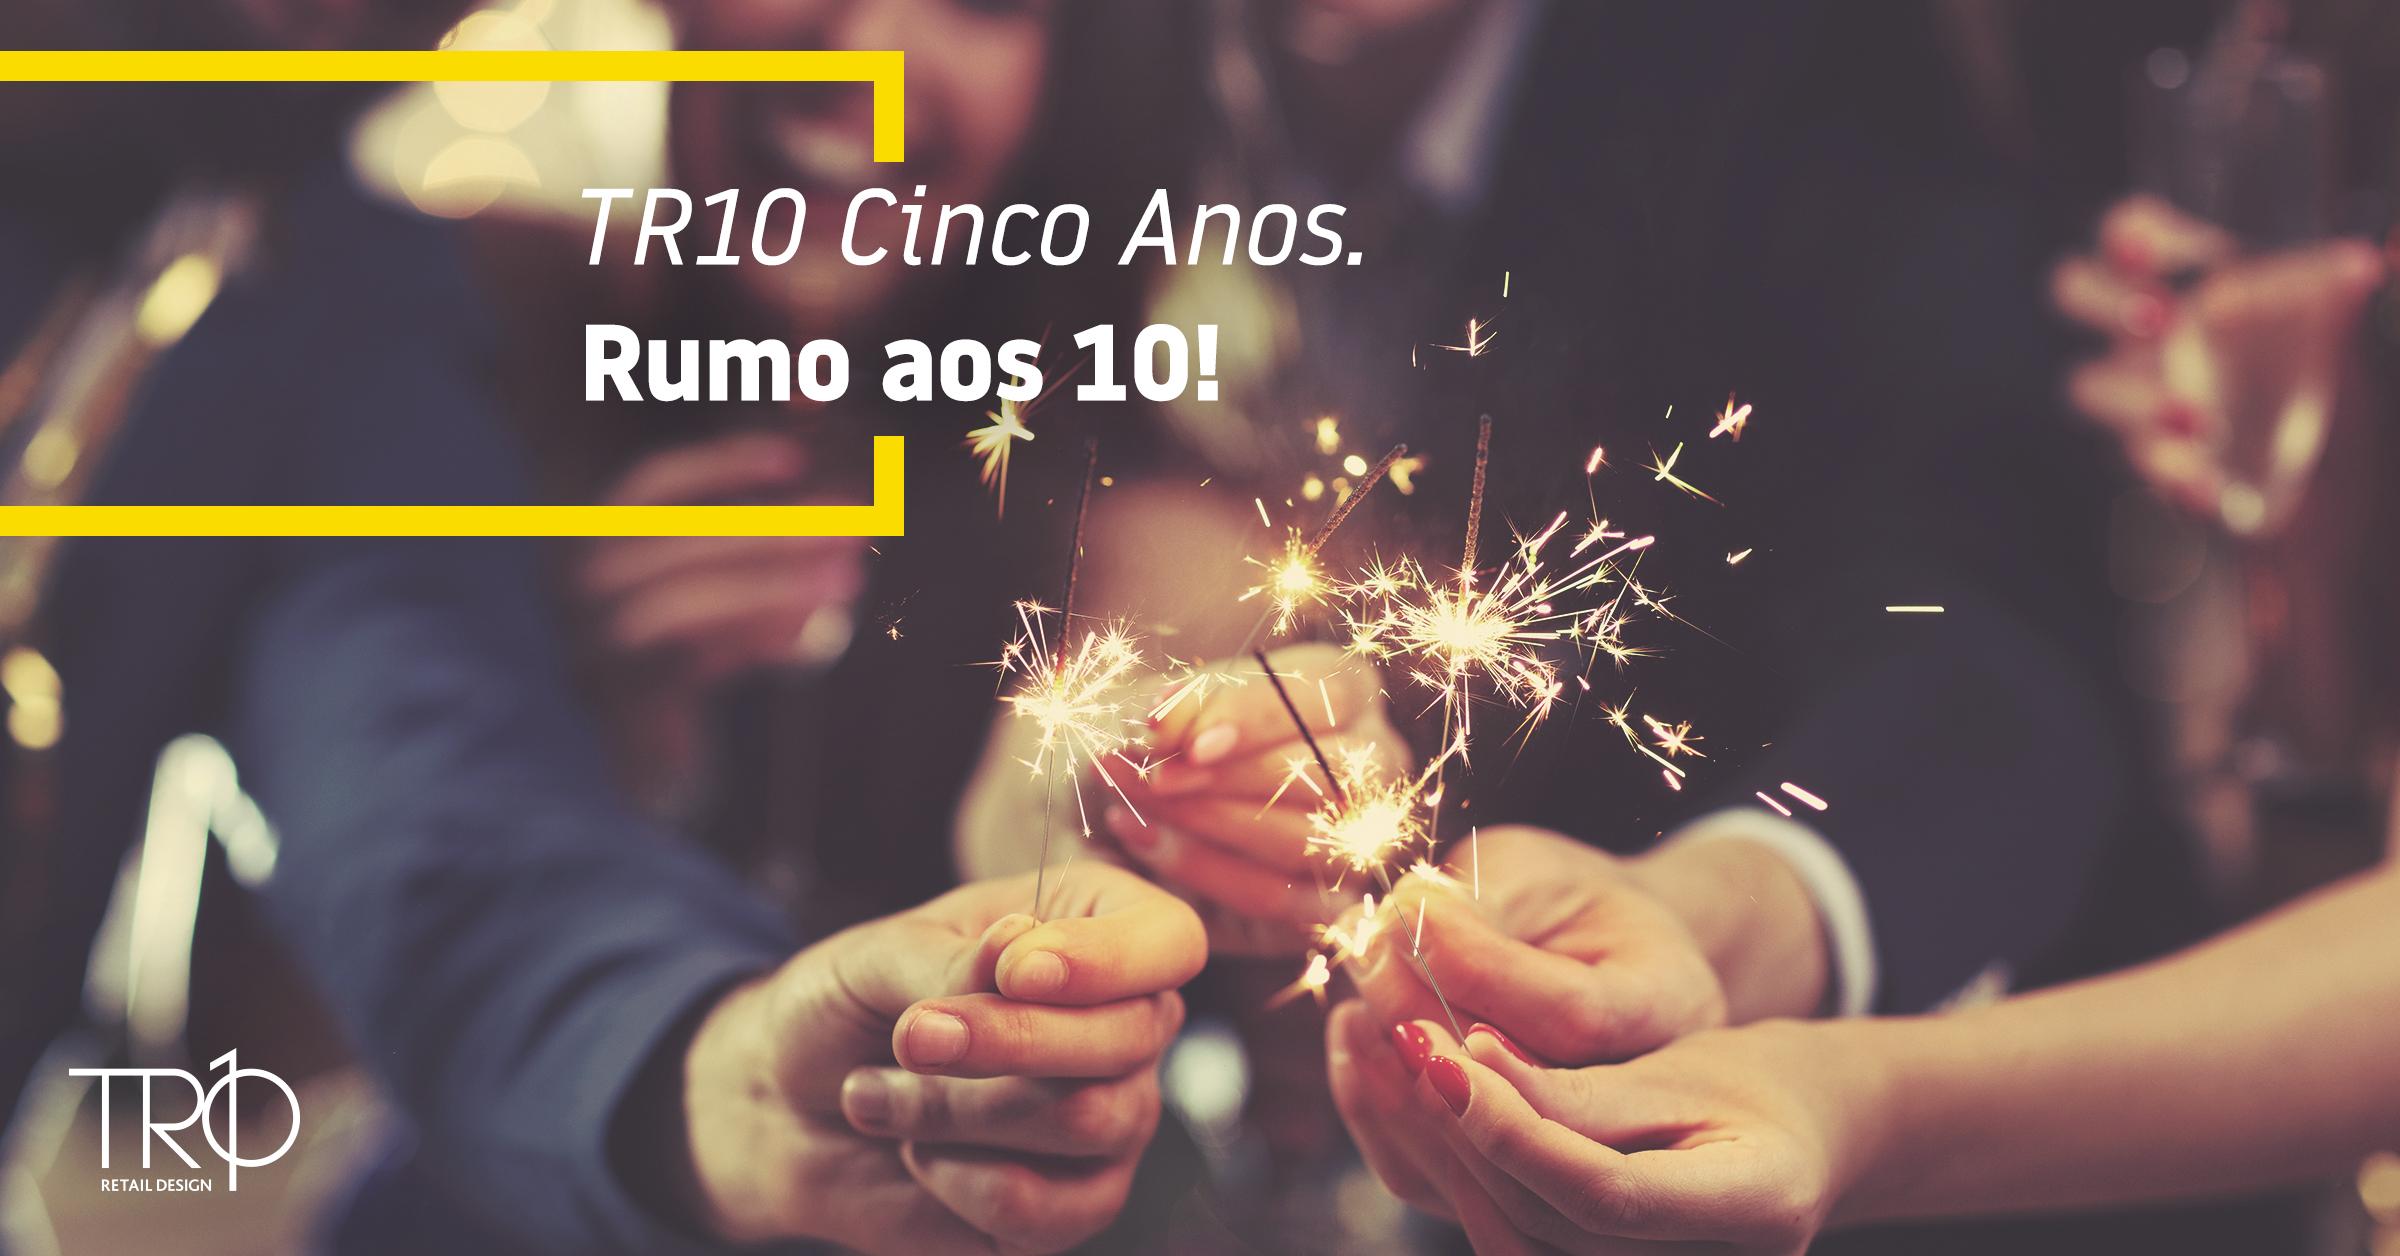 01-TR10-RedesSociais-Linkedin.jpg